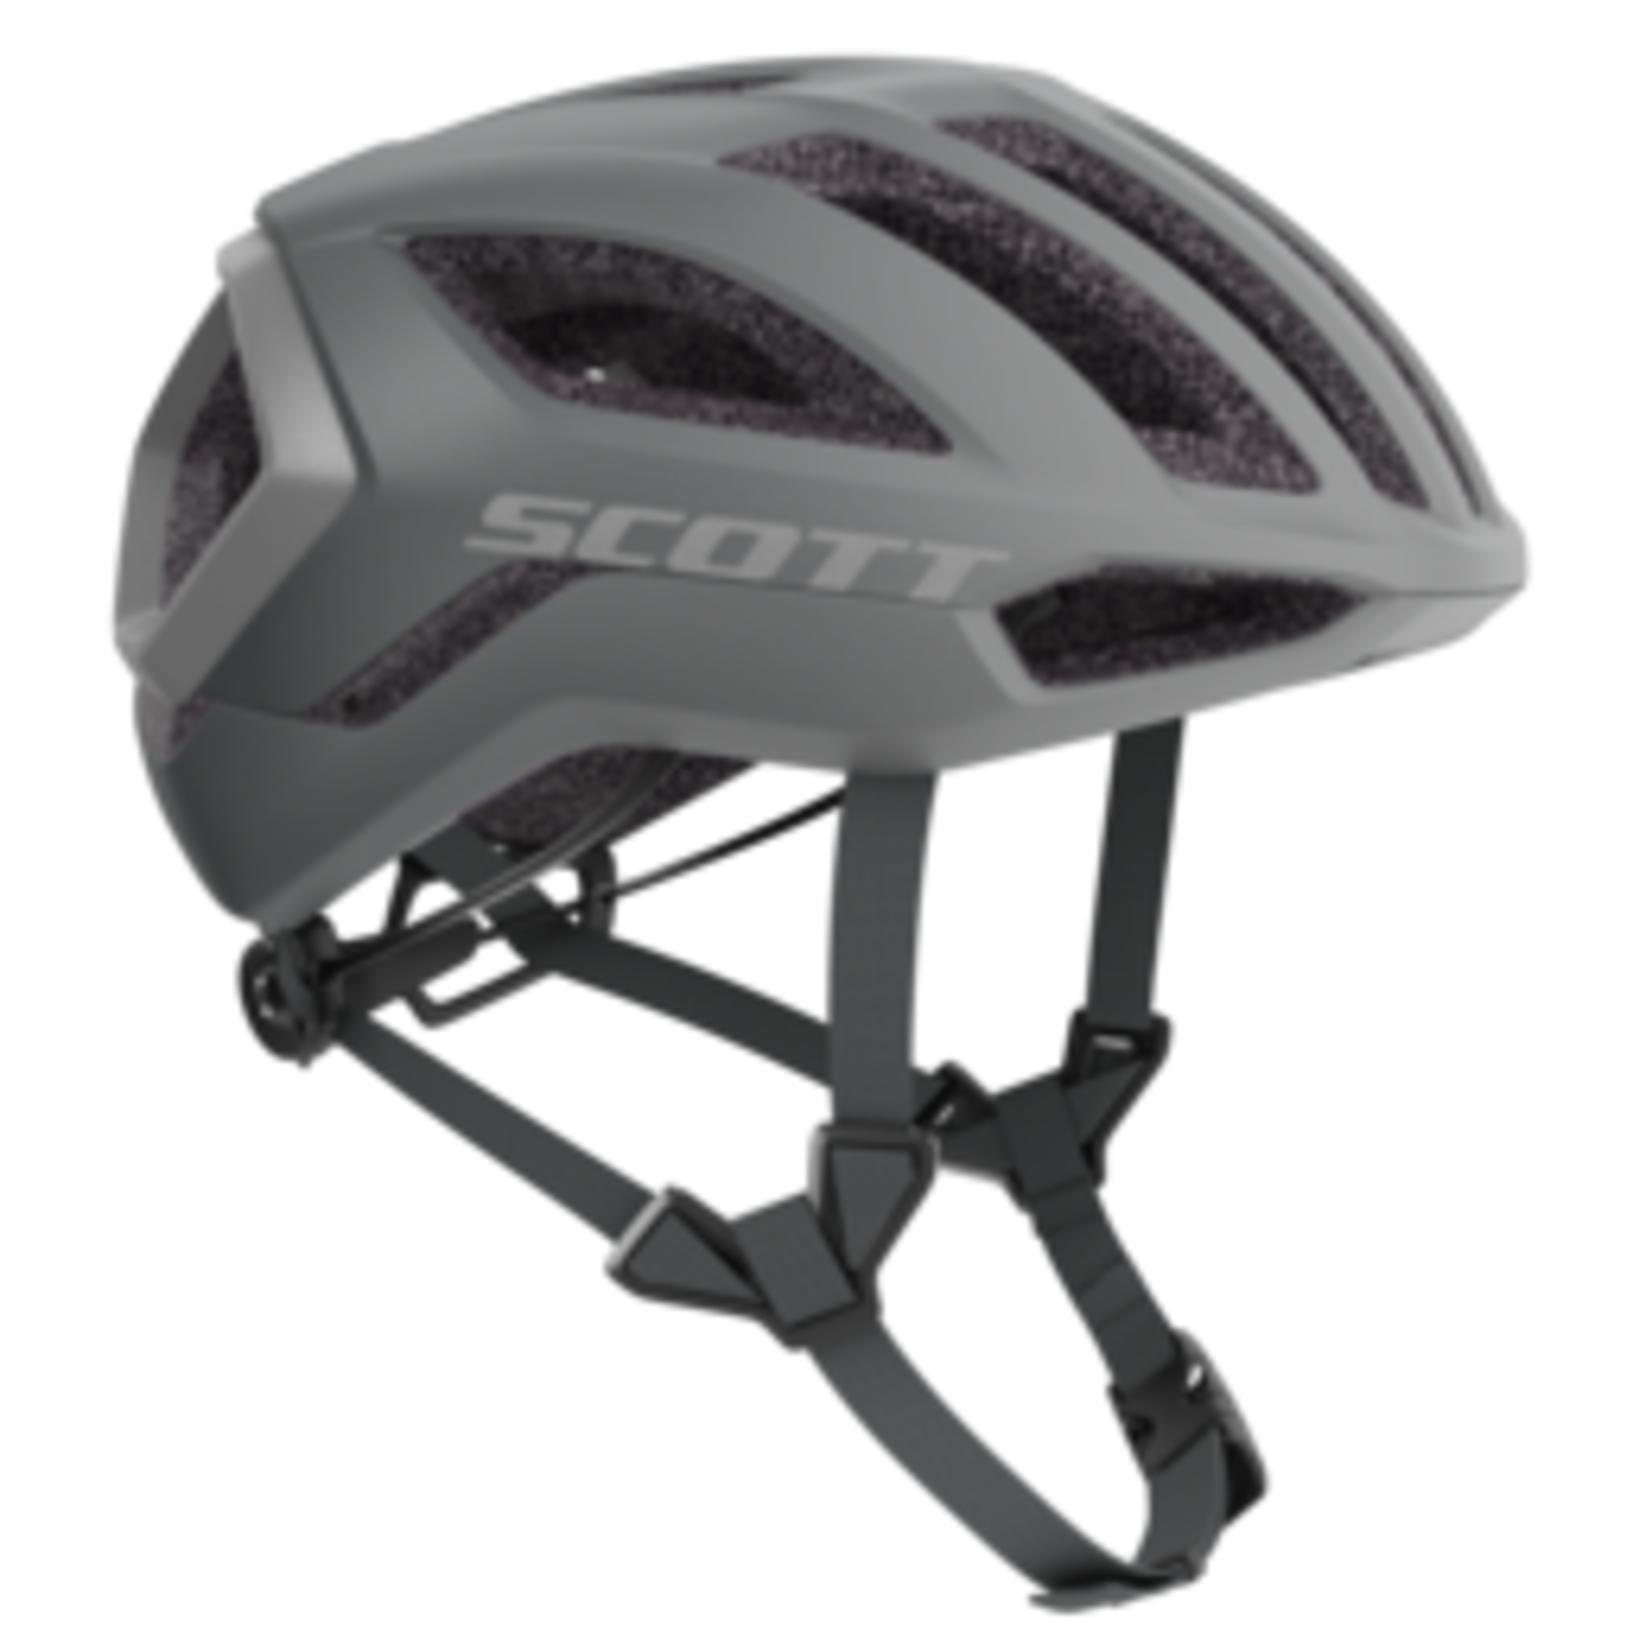 Scott SCO Helmet Centric PLUS (CPSC) Medium